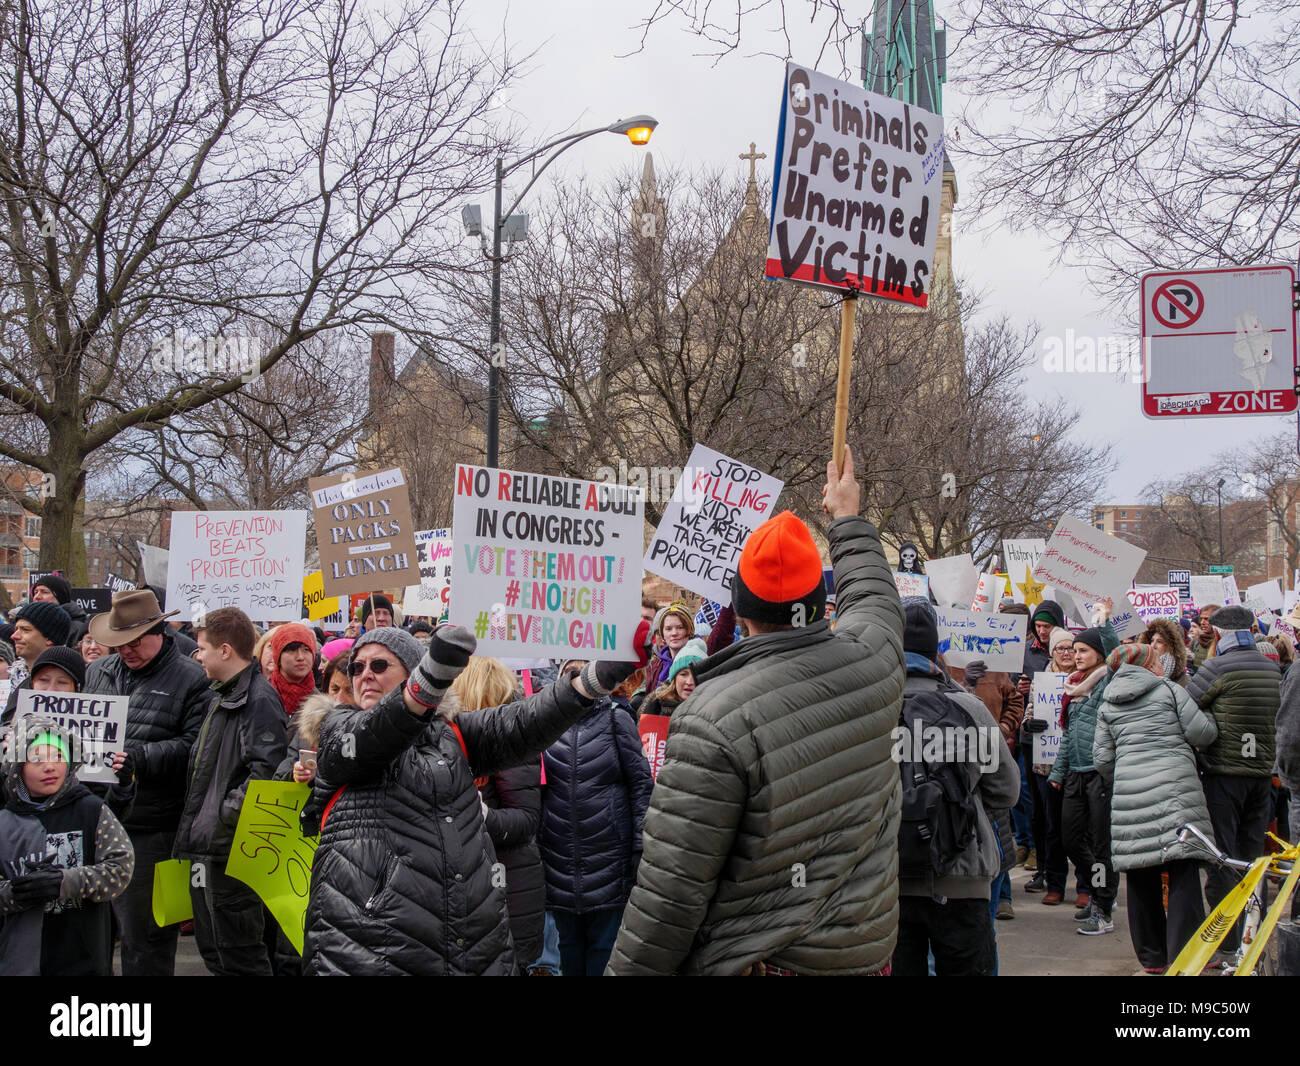 Chicago, Illinois, USA. 24. März 2018. Gun Verordnung befürwortet konfrontieren einen pro-gun Zähler Demonstrant auf der heutigen März für unser Leben Protest in diesem mittleren Westen der Stadt. Tausende von gun Verordnung Demonstranten marschierten in Unterstützung des erhöhten gun Verordnung in den USA. Stockbild